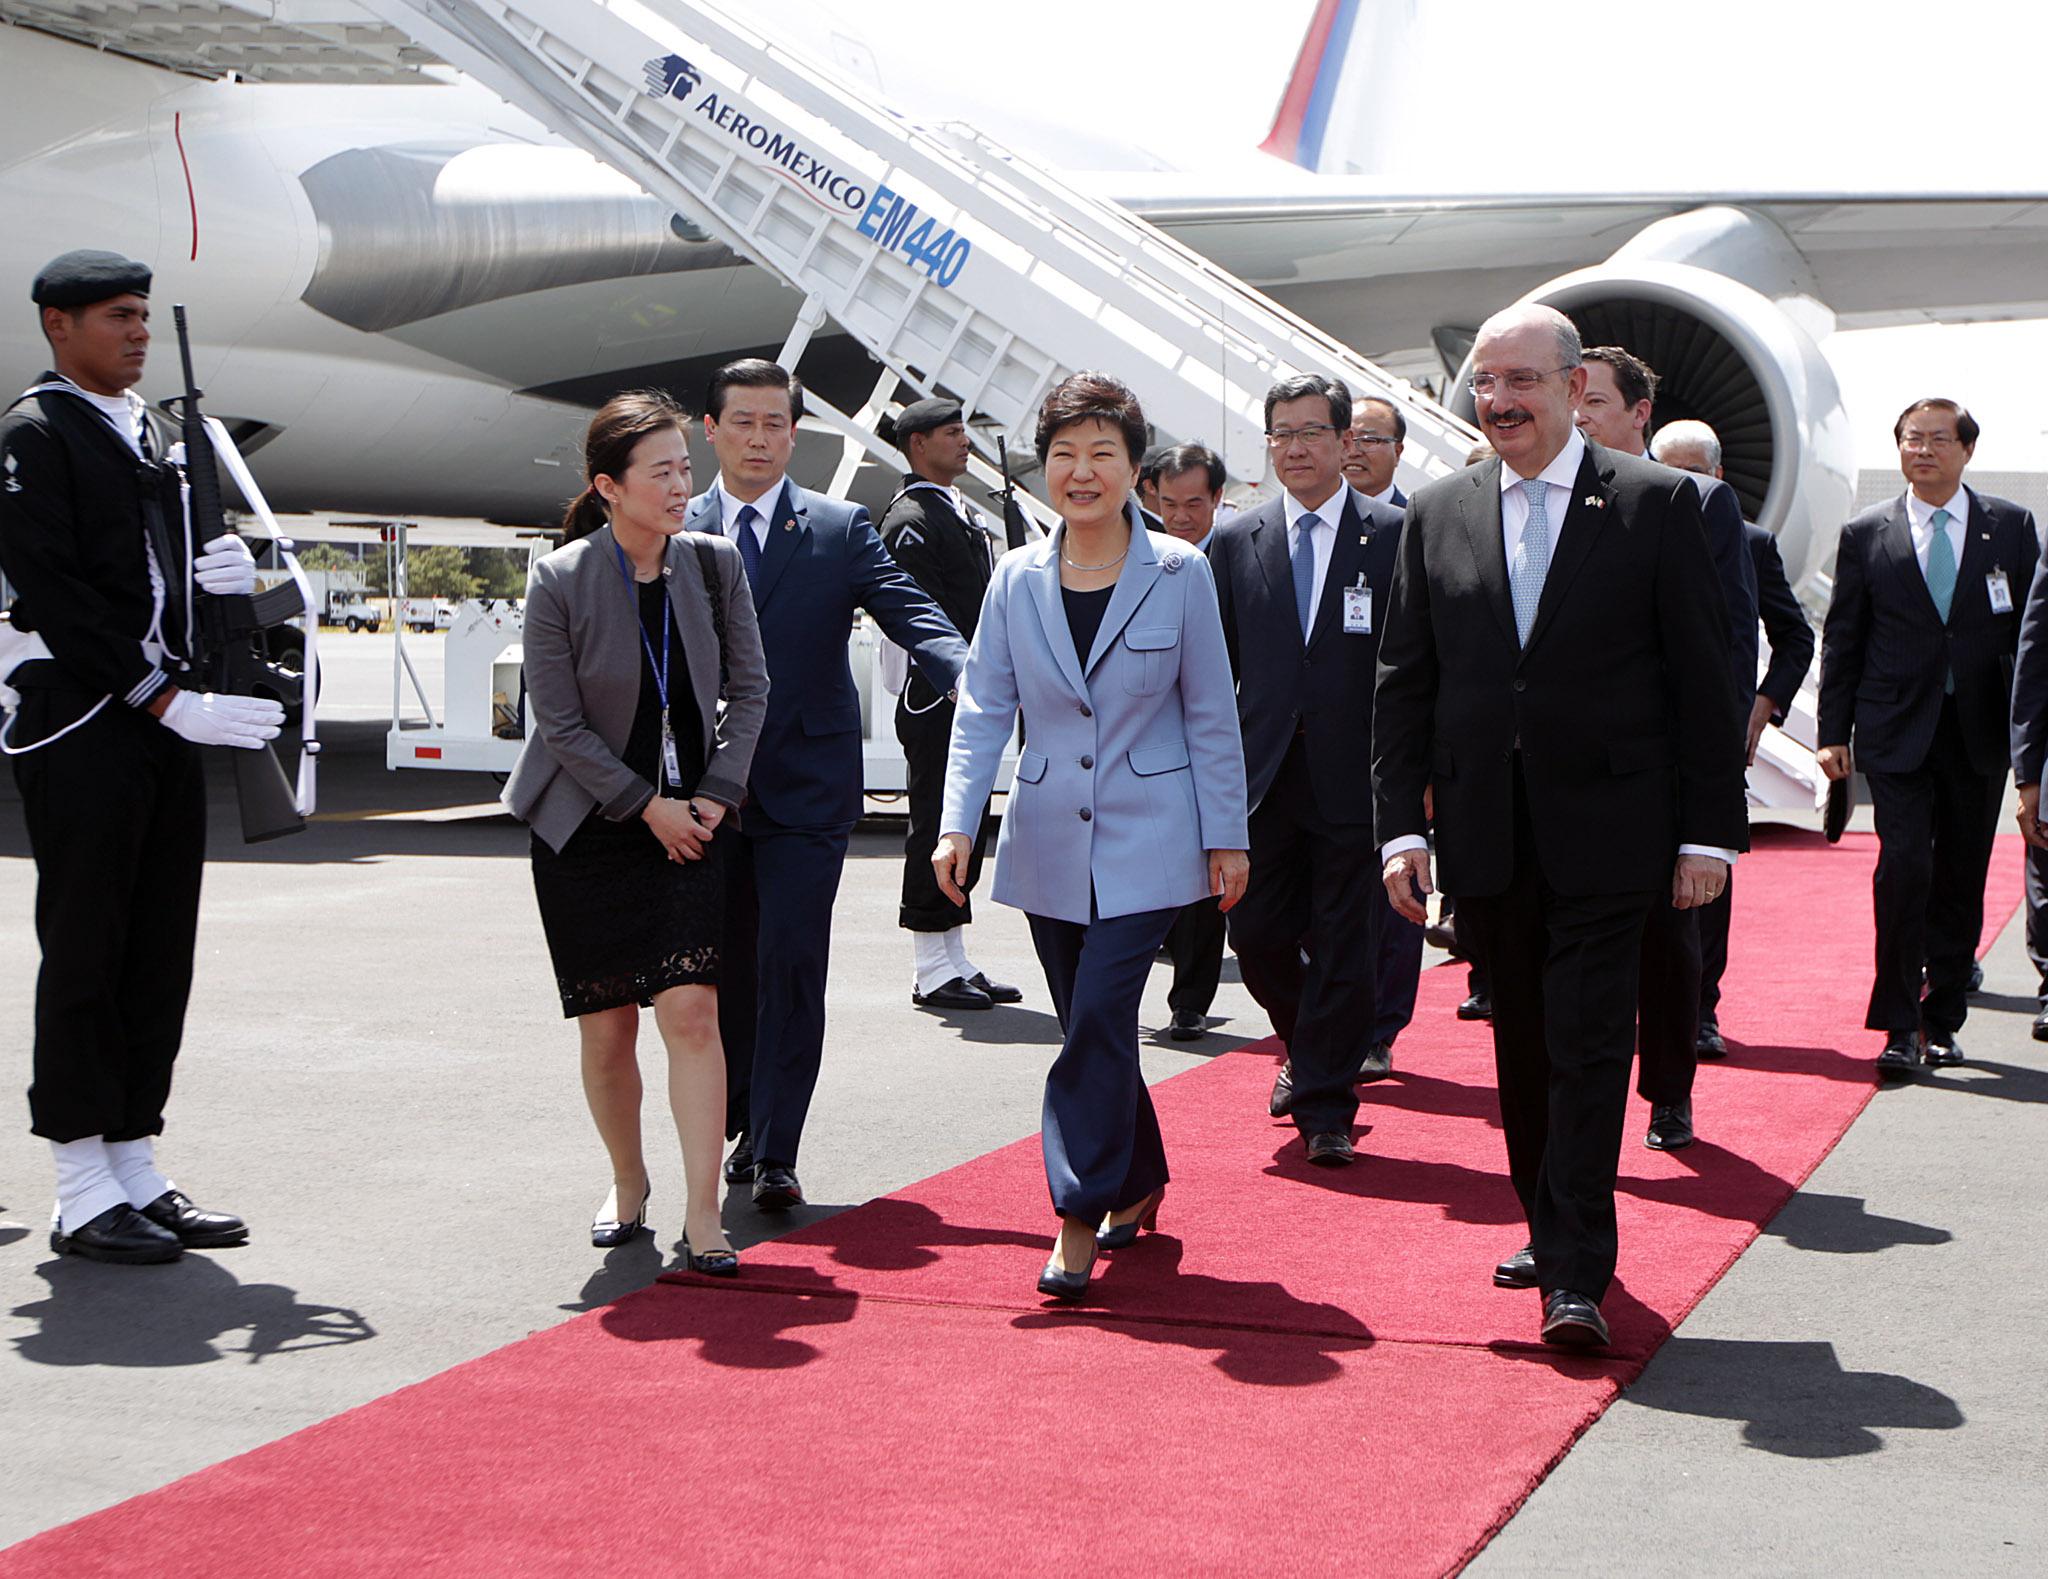 FOTO 2 Arribo de la Presidenta de la Rep blica de Corea  Excma Sra Park Geun hyejpg